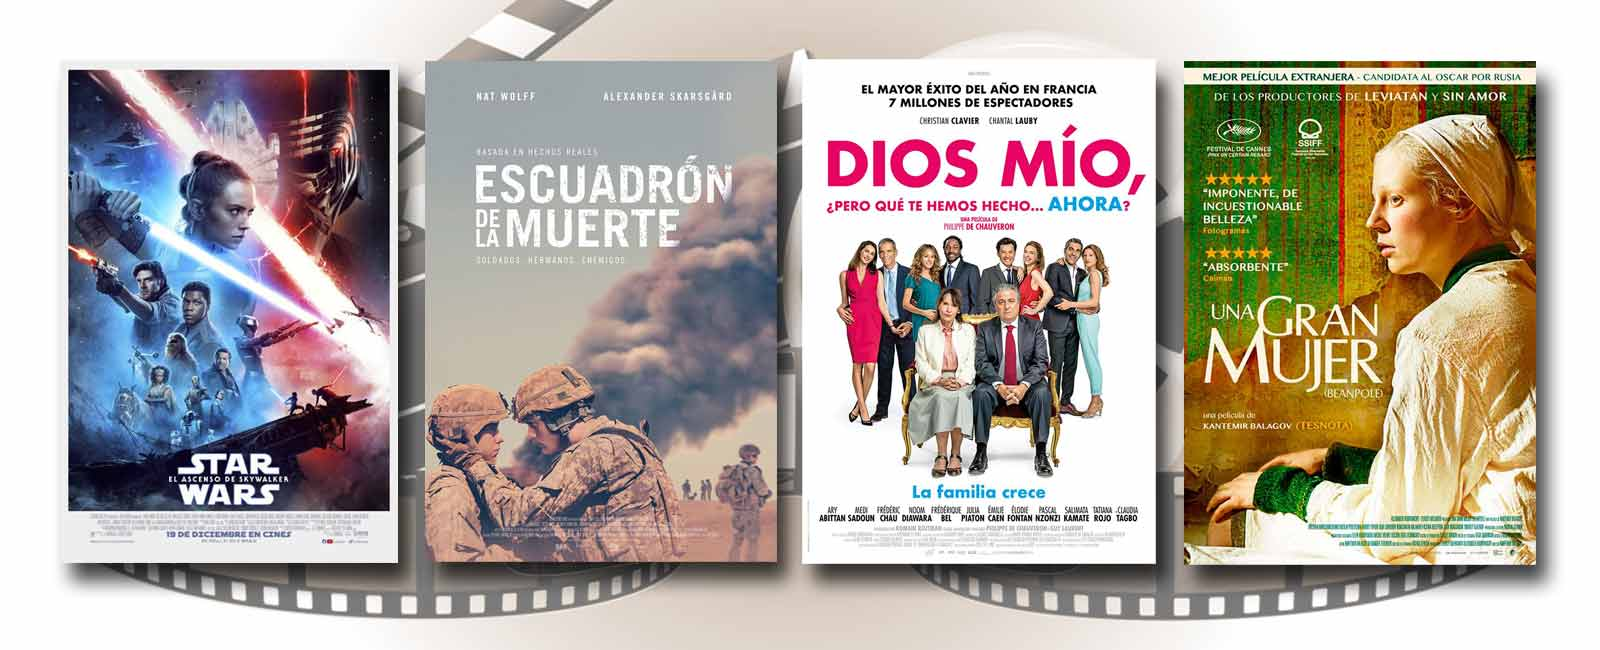 Estrenos de Cine de la Semana… 20 de Diciembre 2019